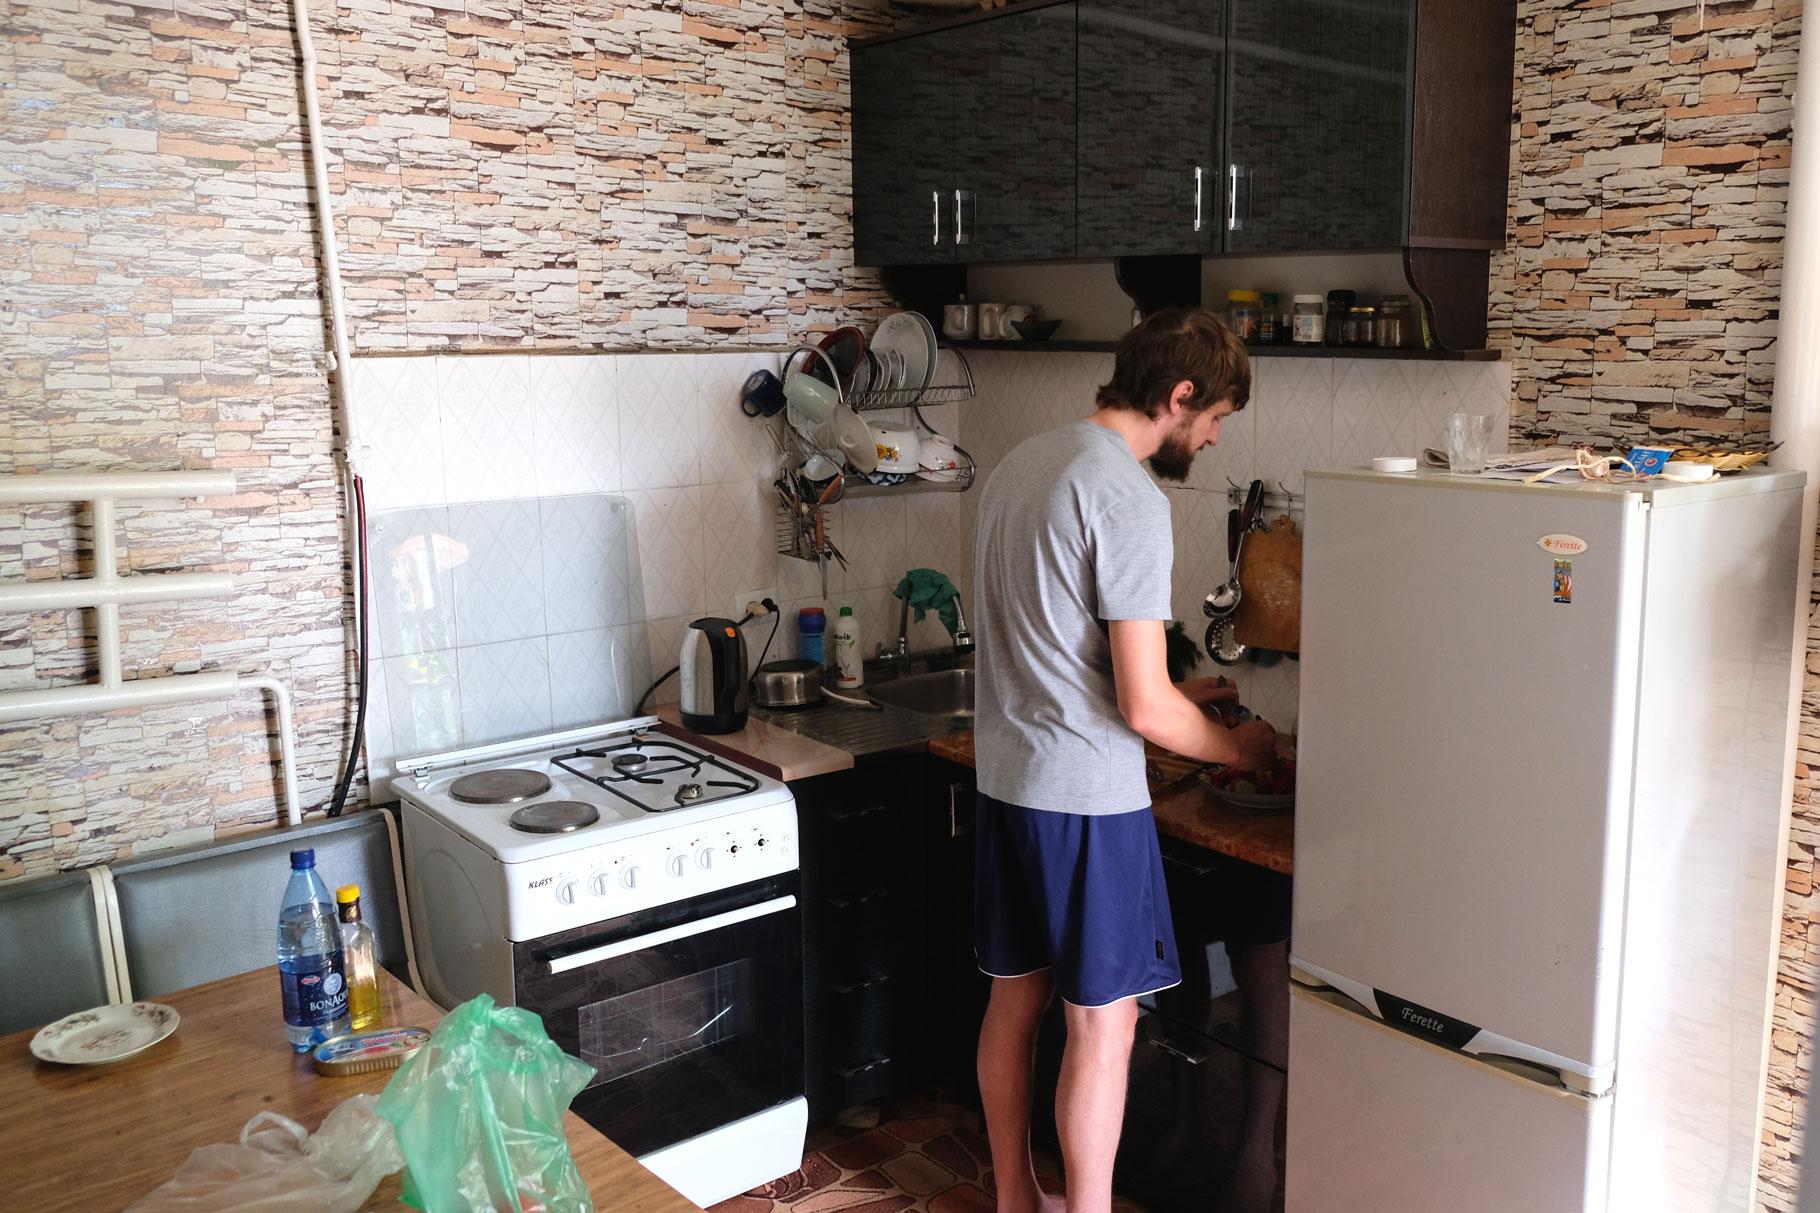 Im Hostel gibt es eine Küche, die wir mitbenutzen dürfen. Davon machen wir ausgiebig Gebrauch :-)